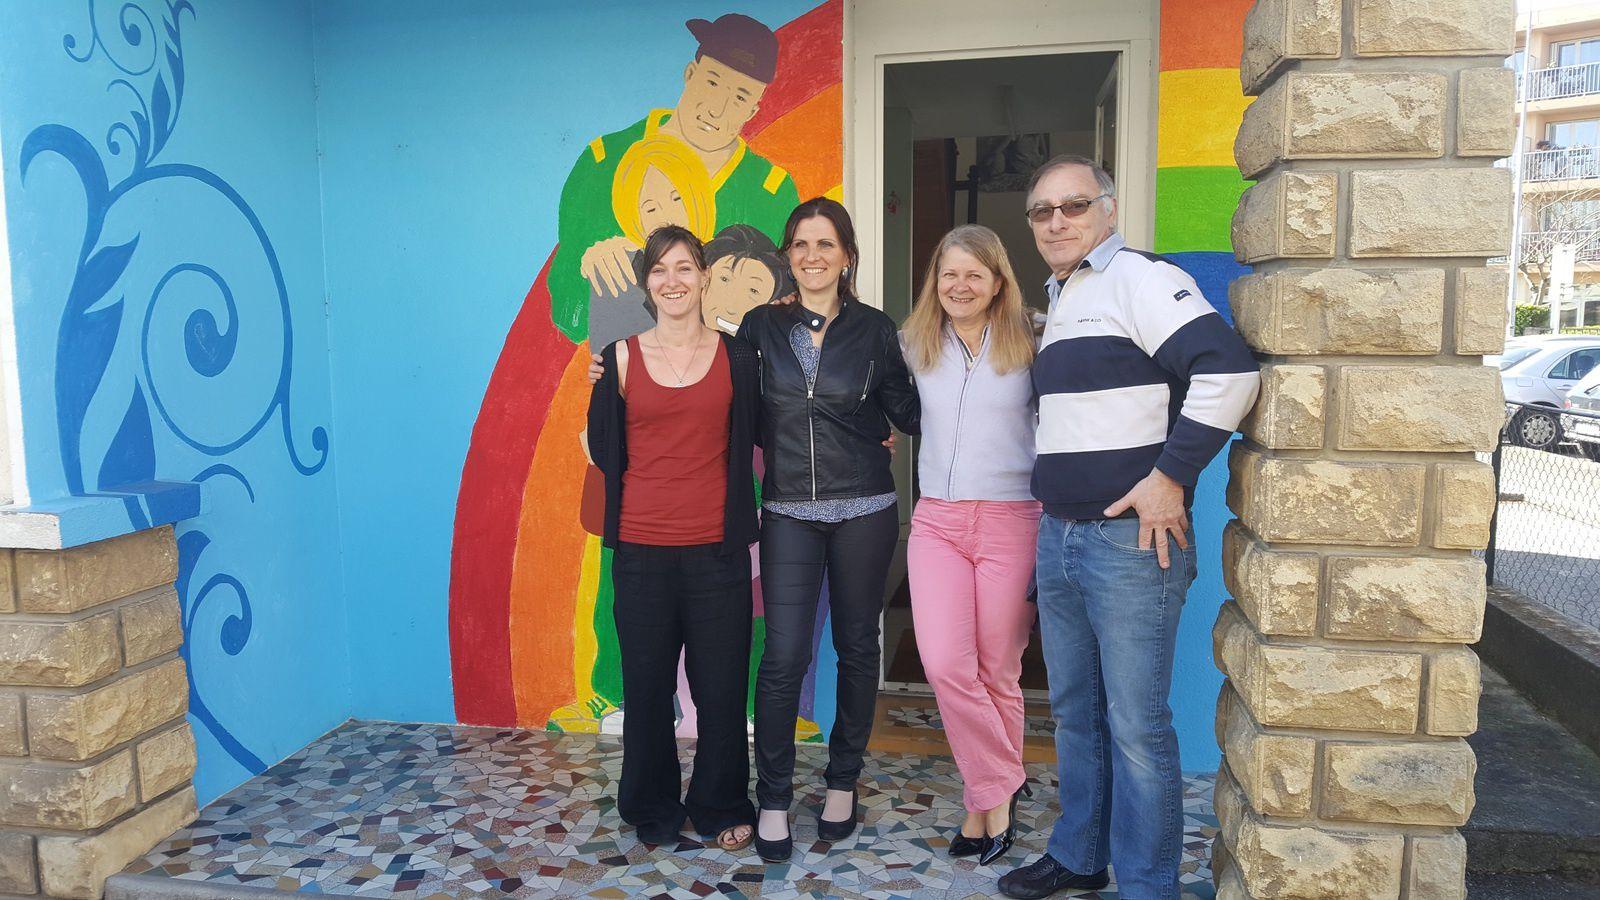 Vanessa Camaret et  Stéphanie Holvèque ont inauguré le premier café des familles avec leur assoication Pitchouns et Grands.